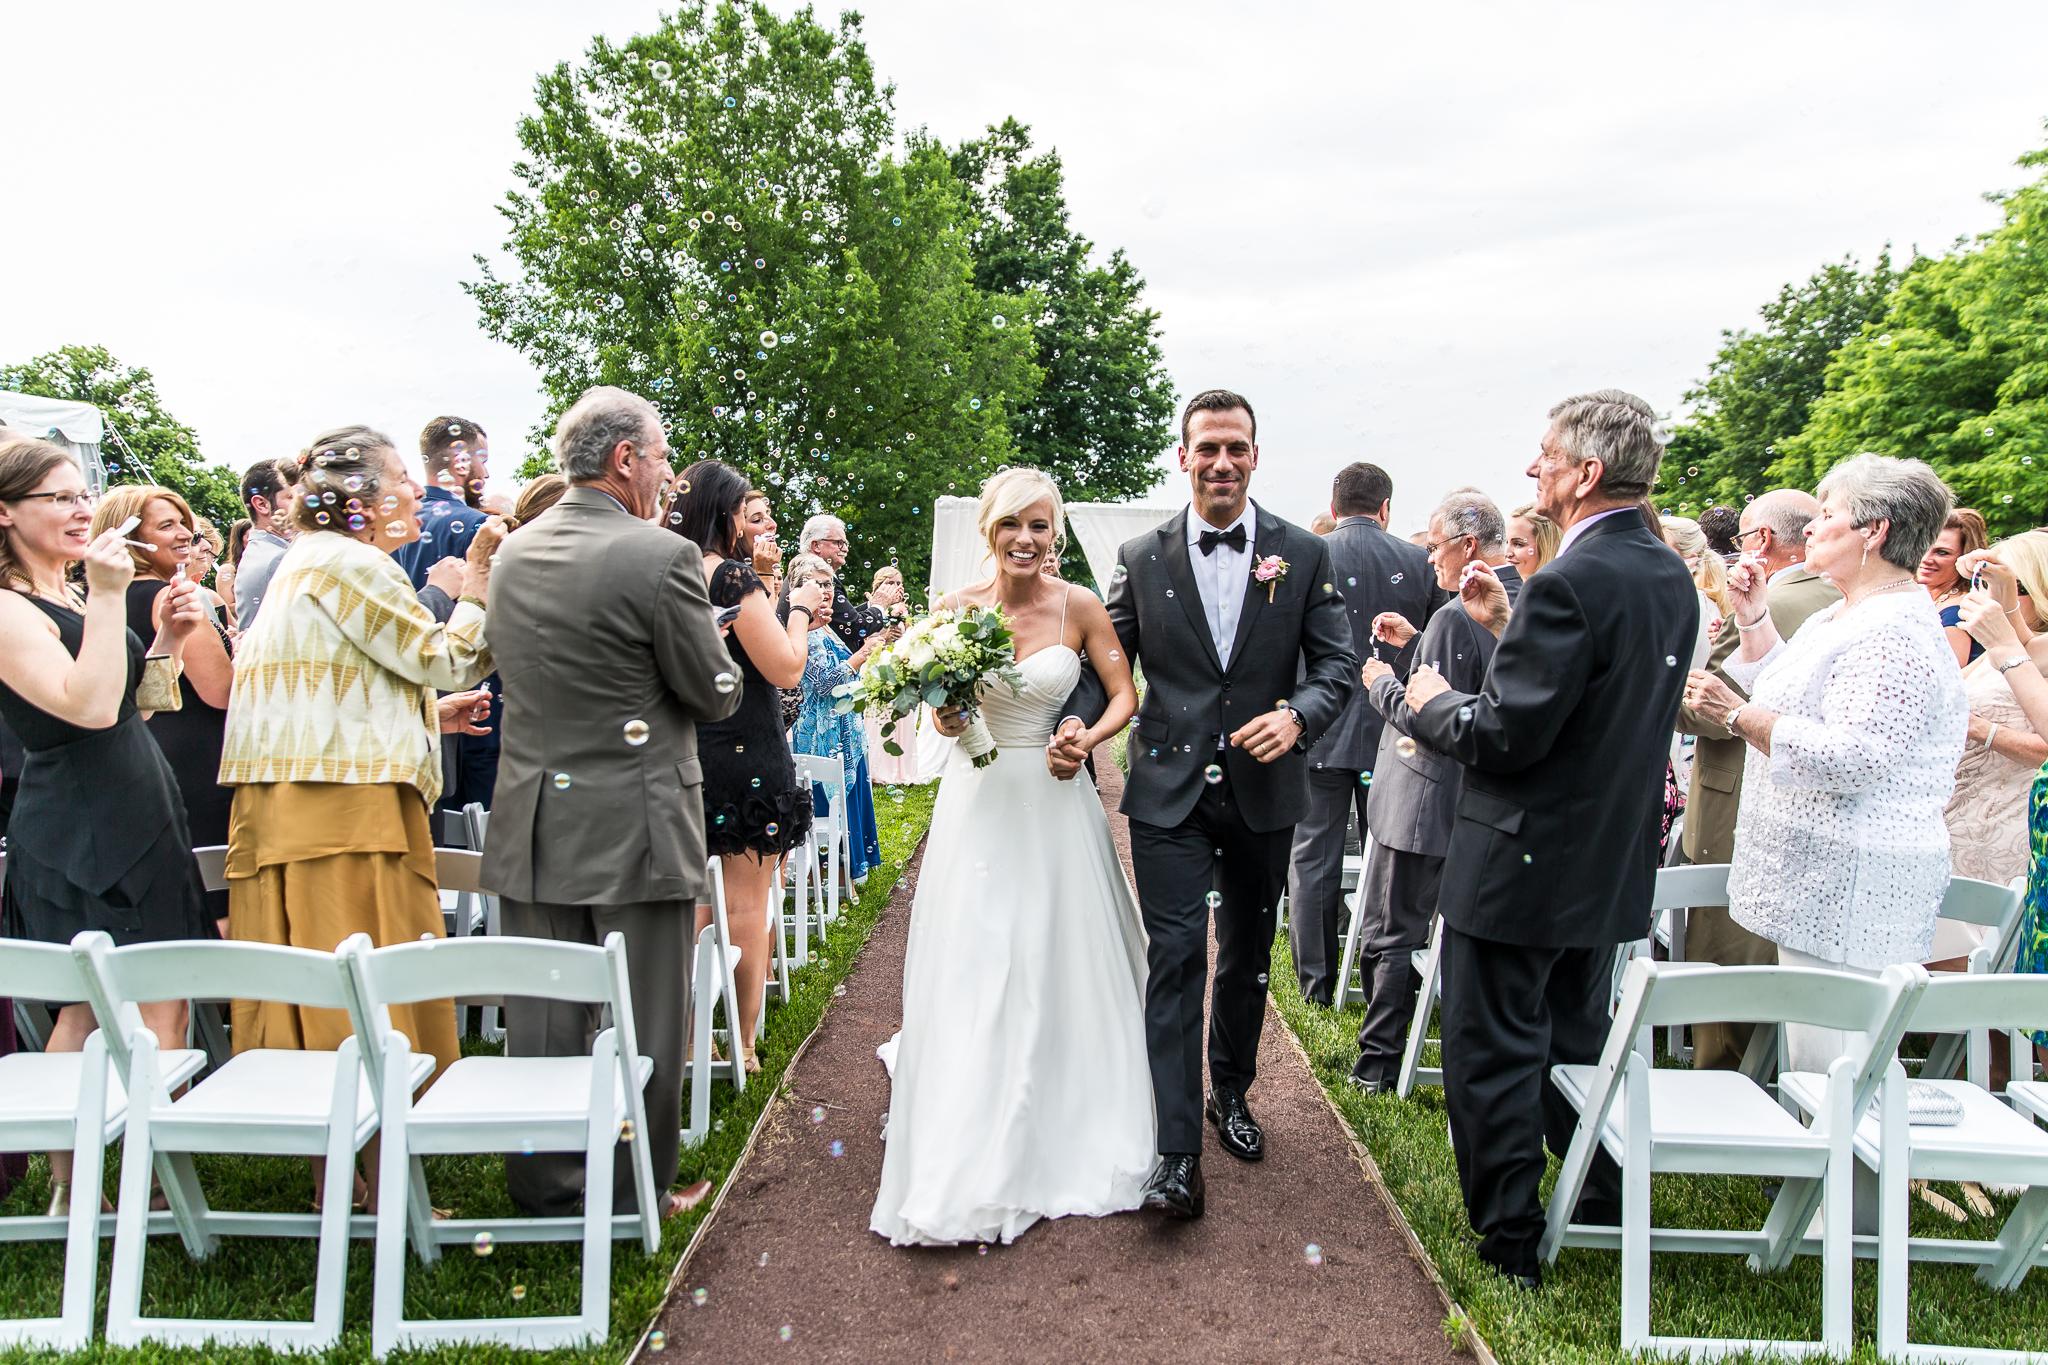 Ben cooprider wedding